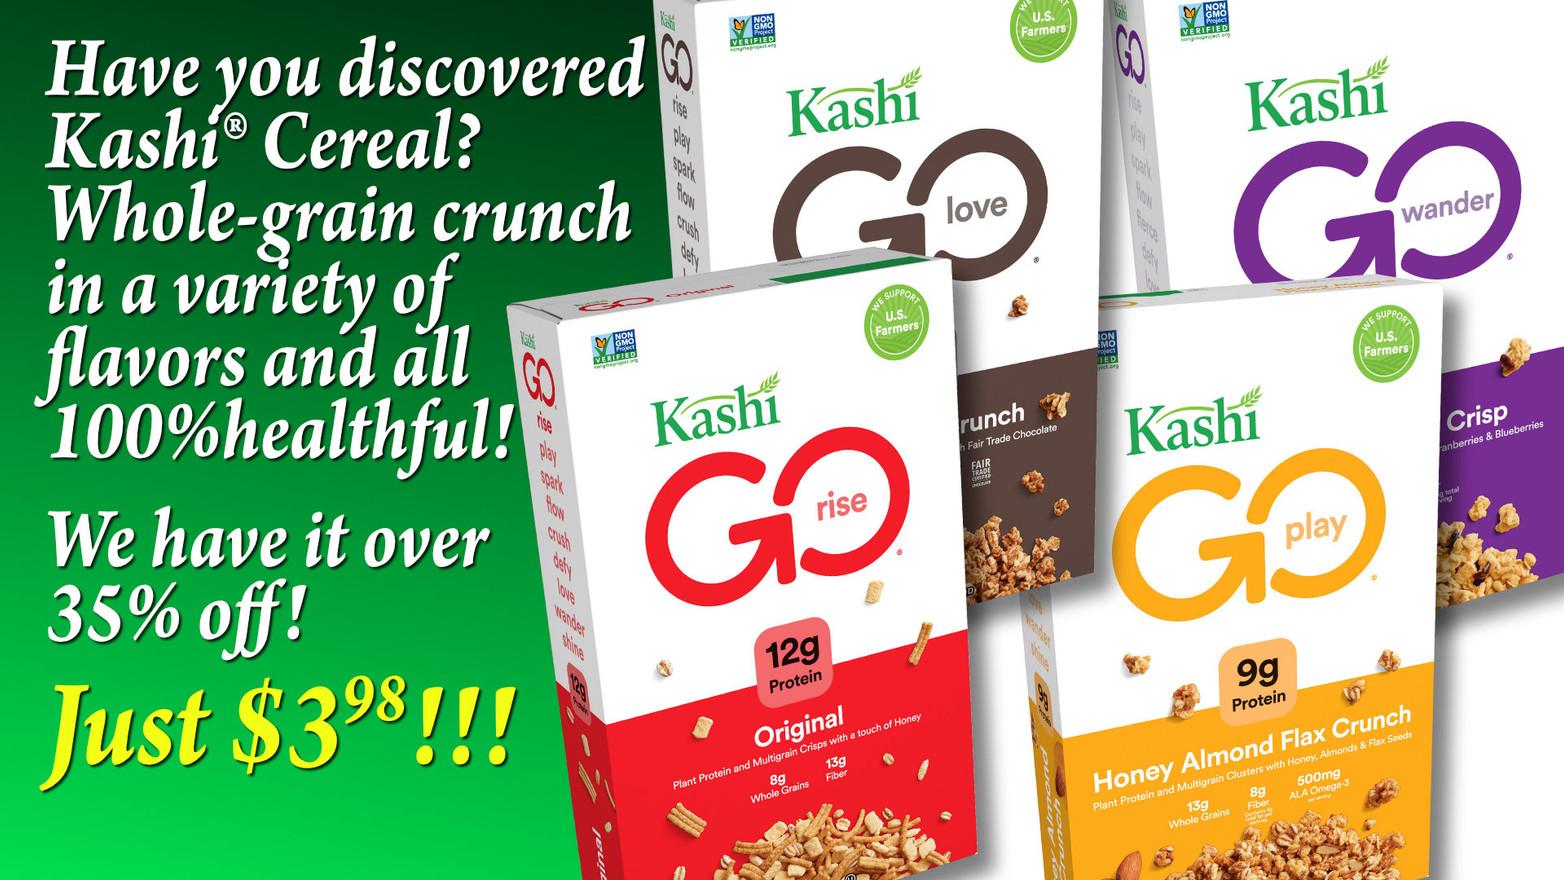 kashi cereal promo.jpg